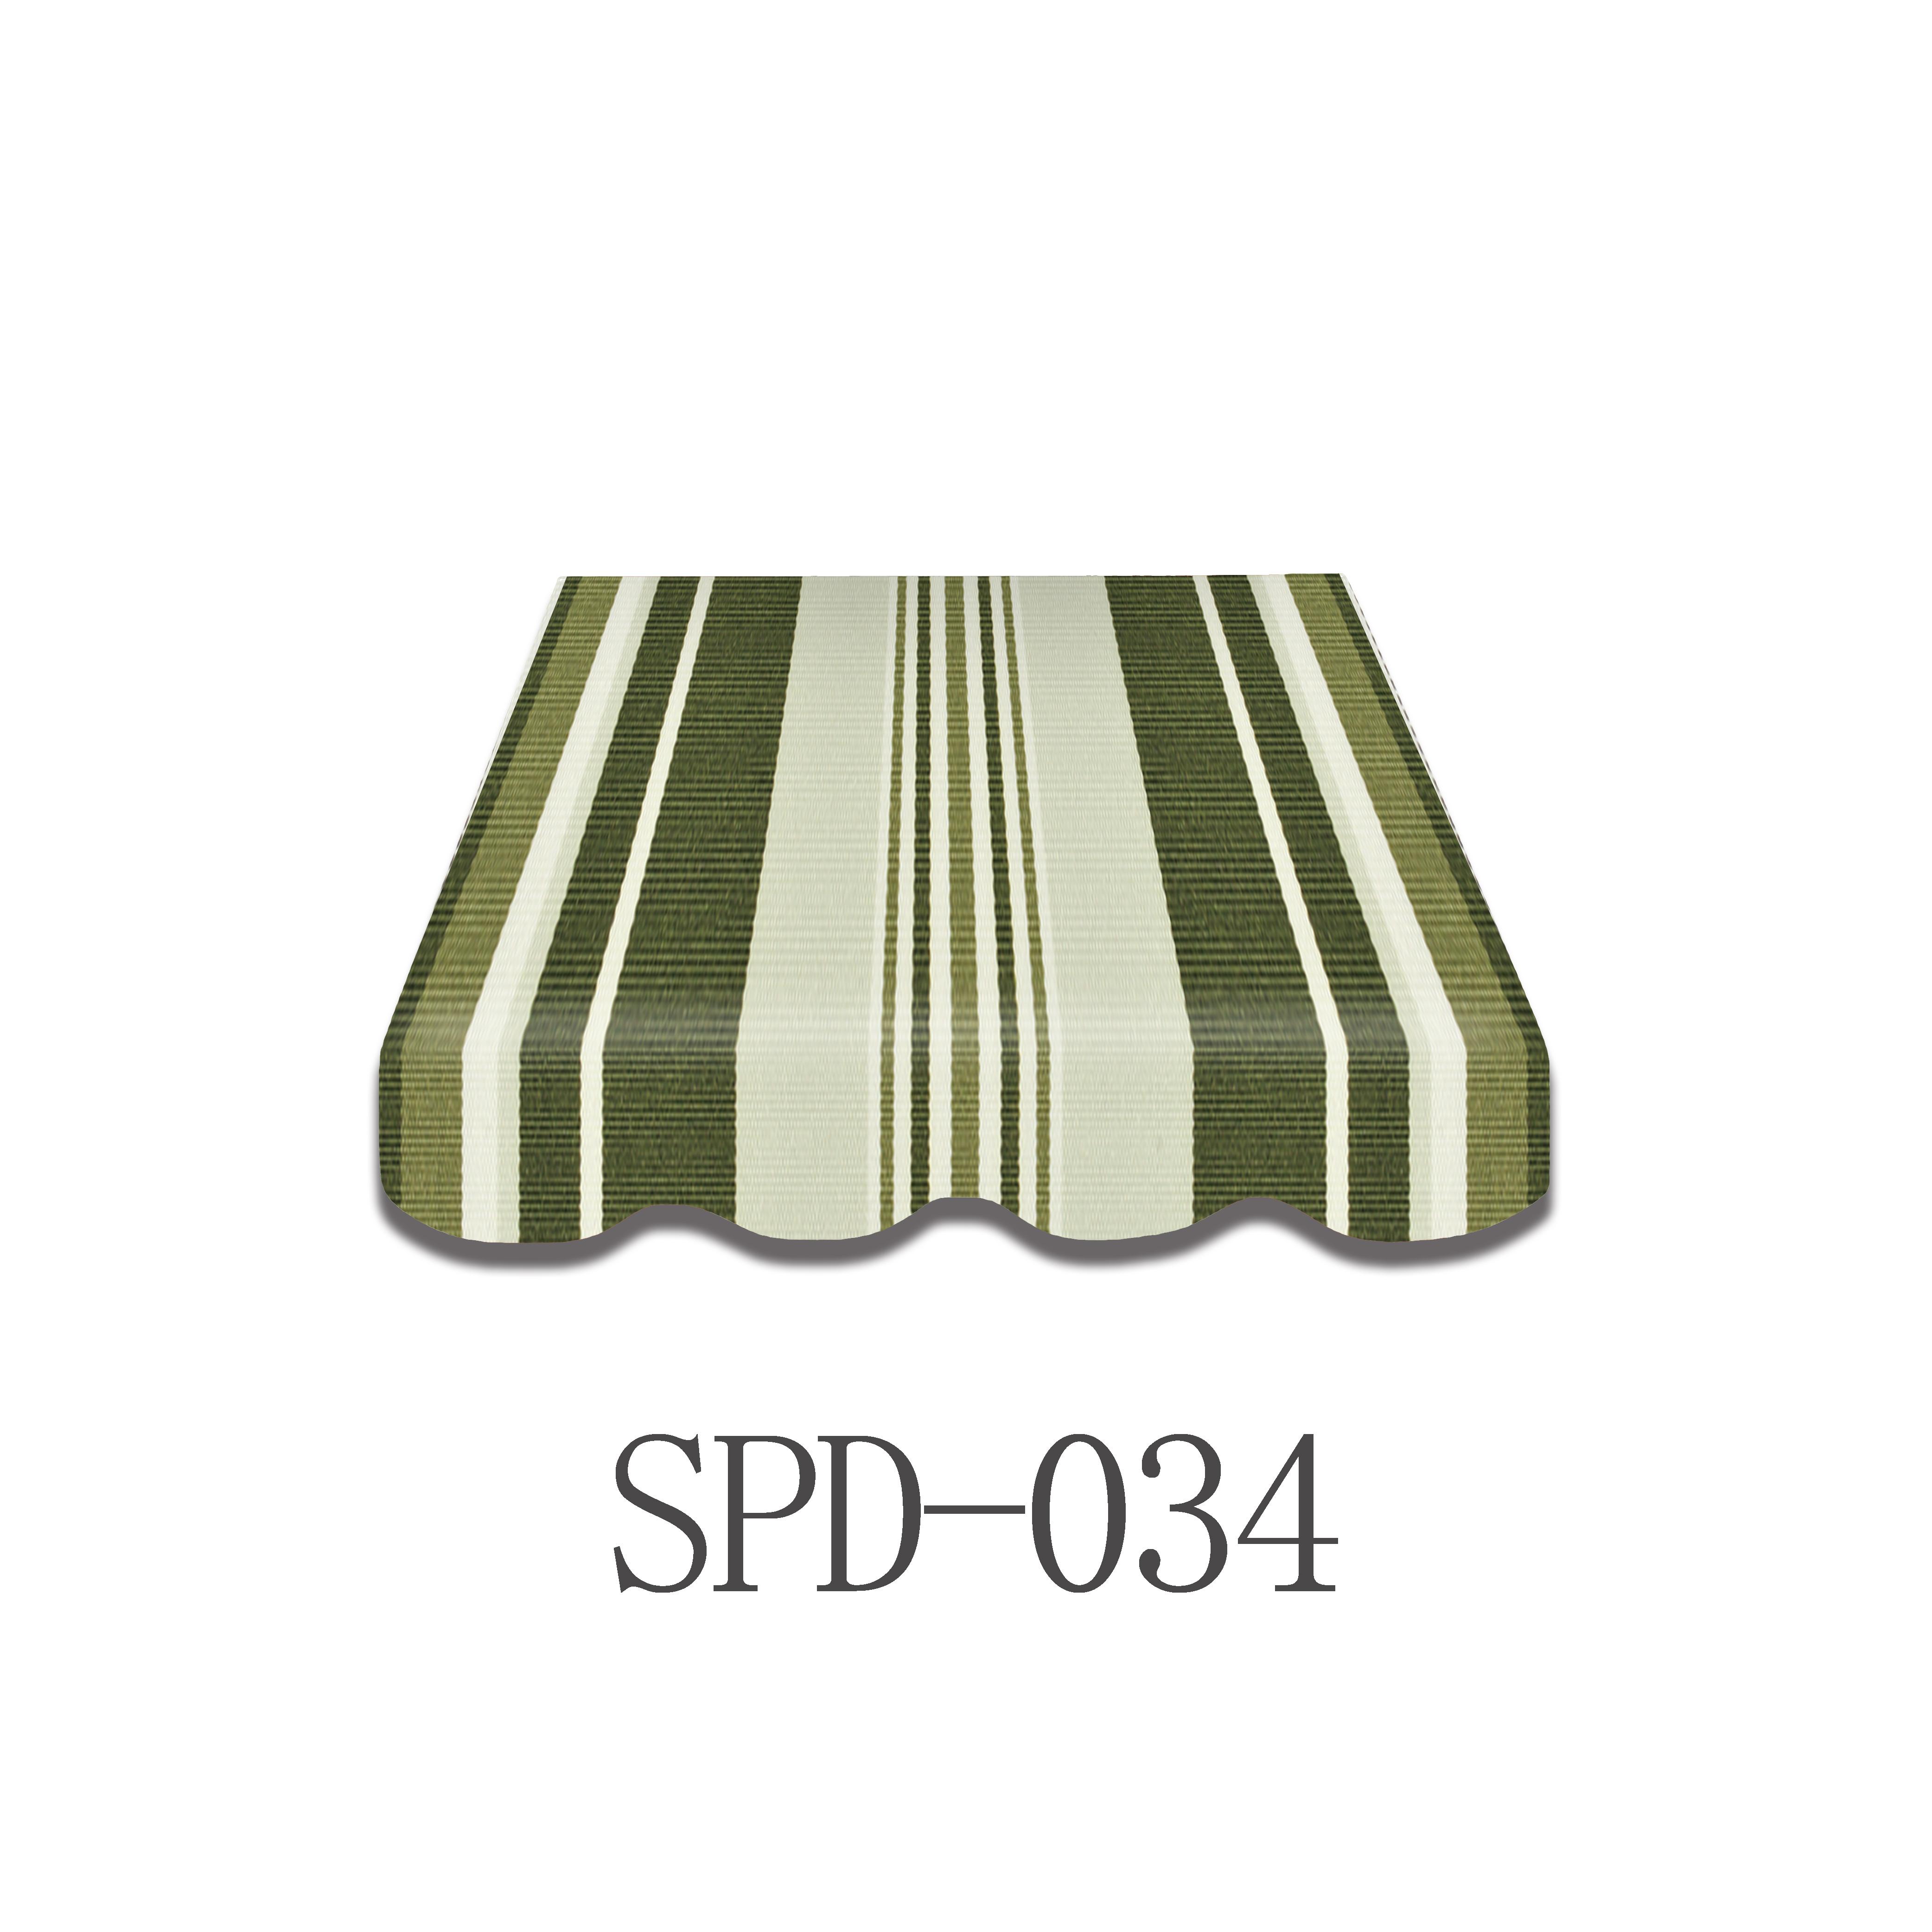 4x3m markisenstoff markisentuch mit uv schutz fertig. Black Bedroom Furniture Sets. Home Design Ideas